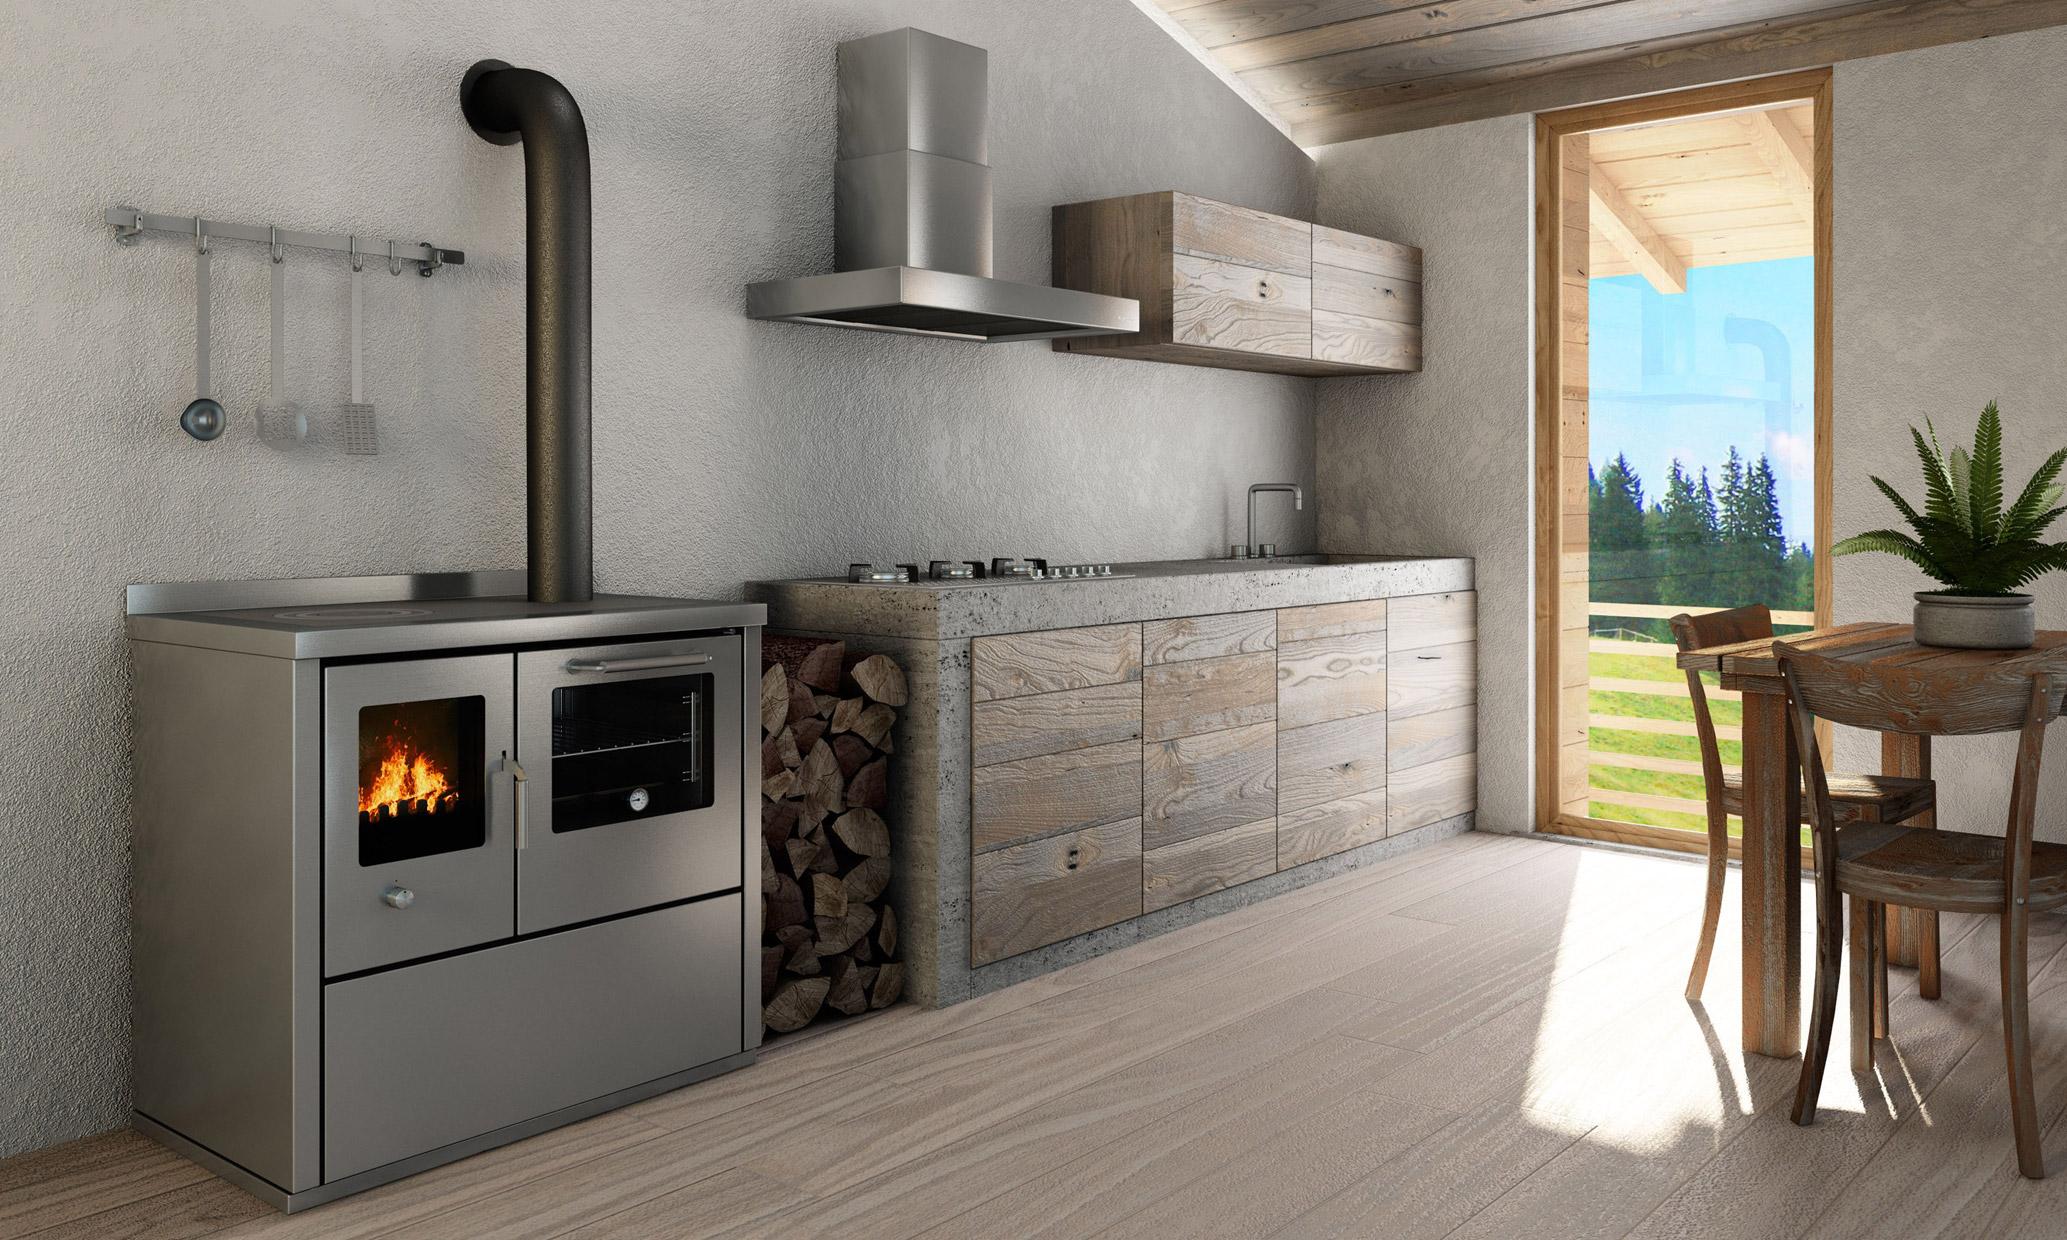 Ek90 demanincor s p a - Configura cucina ...